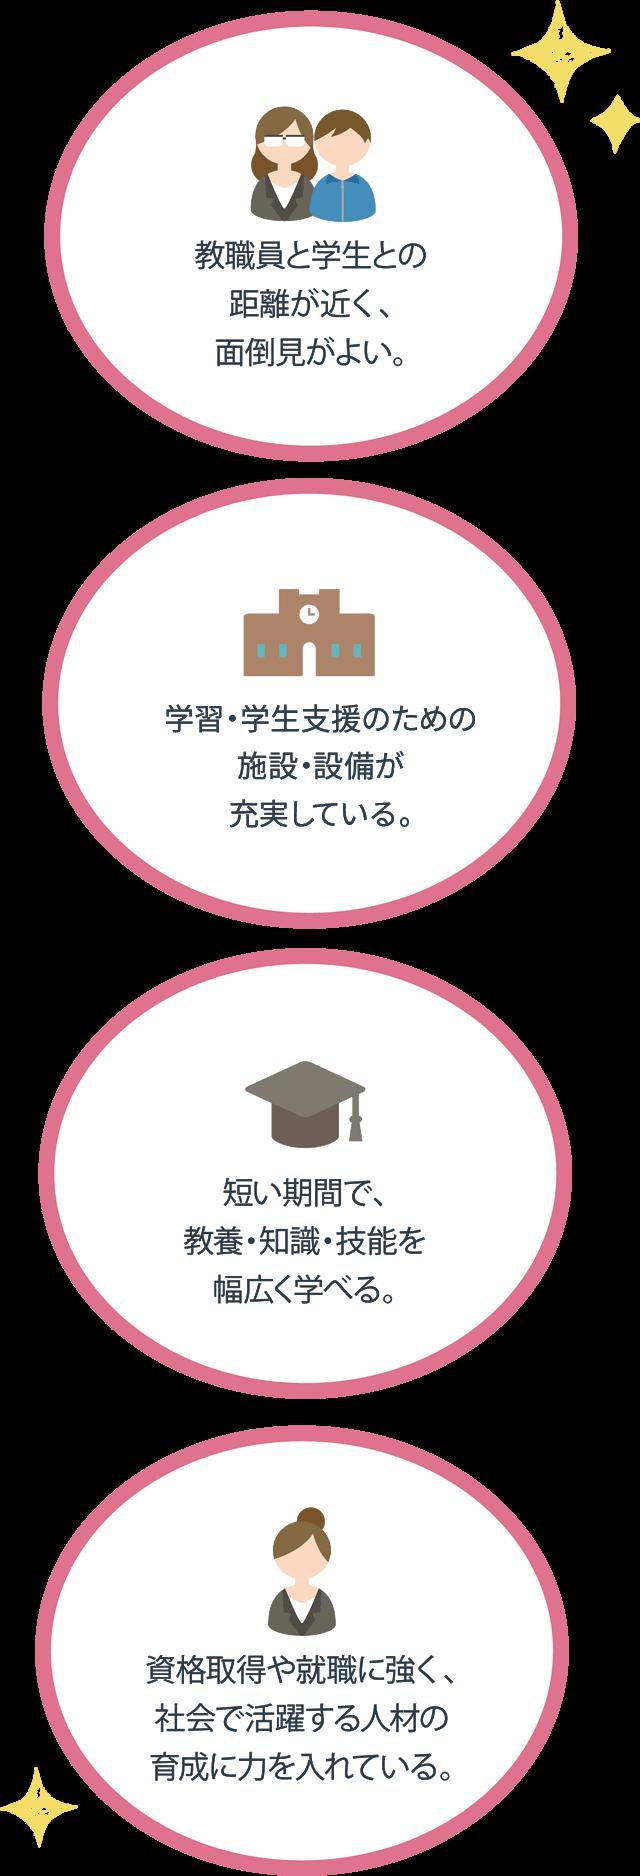 短期大学の特徴